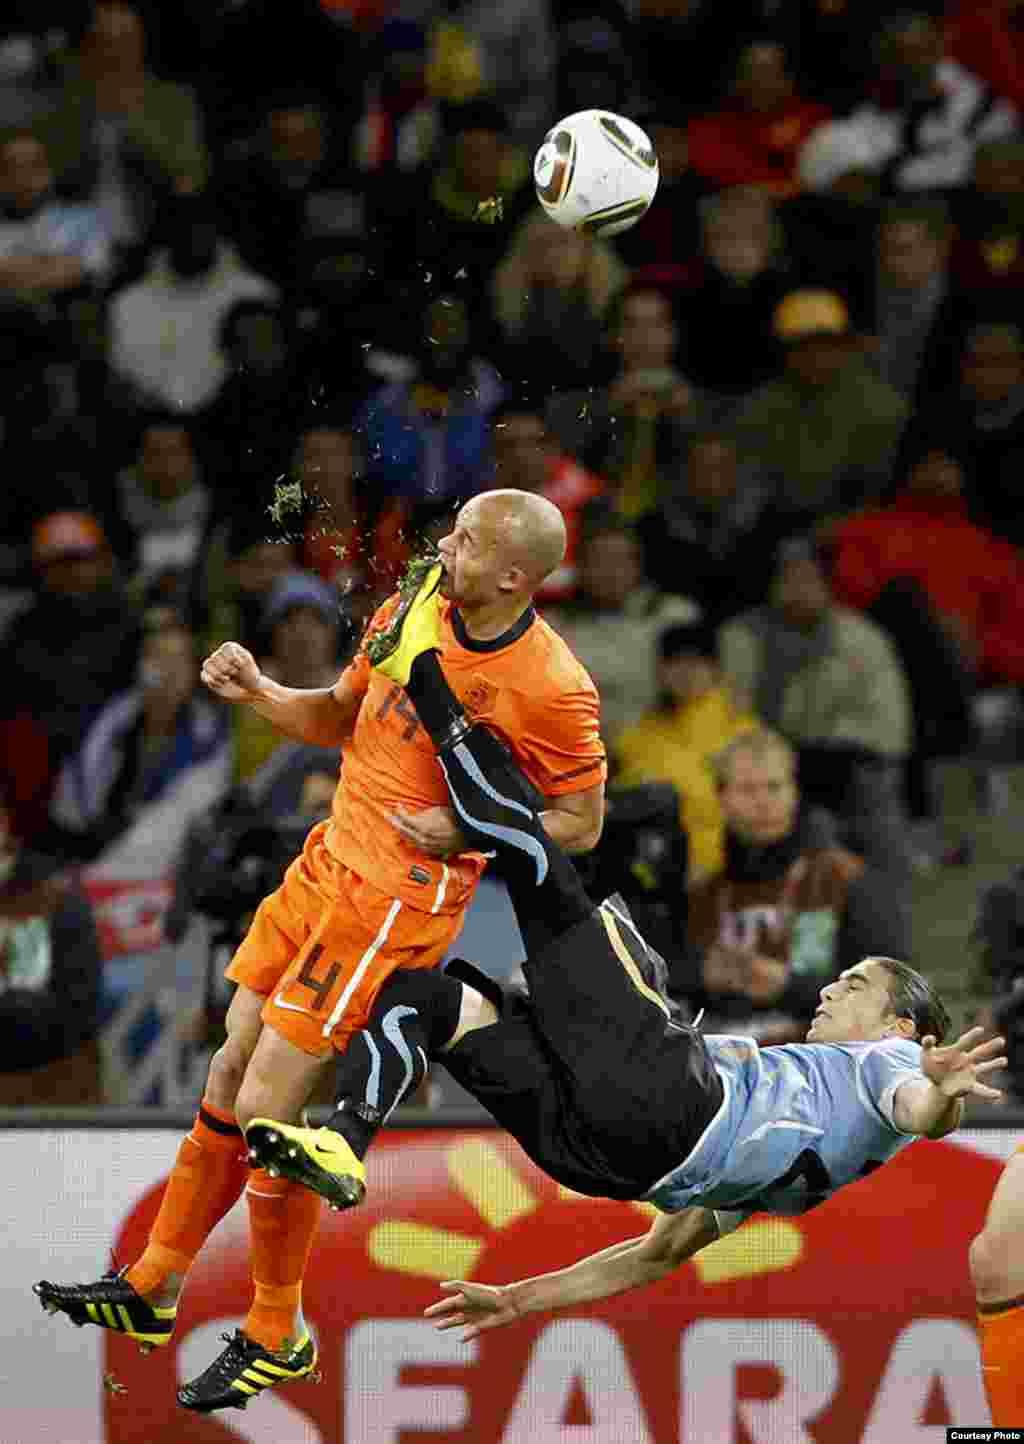 1-е место / Спорт / одиночные фотографии Майк Хатчинс, Южная Африка, Reuters Деми де Зеу из Голландии получил случайный удар ногой в лицо от Мартина Касереса из Уругвая, во время полуфинального футбольного матча на Кубок мира, Кейптаун, 6 июля 2010.